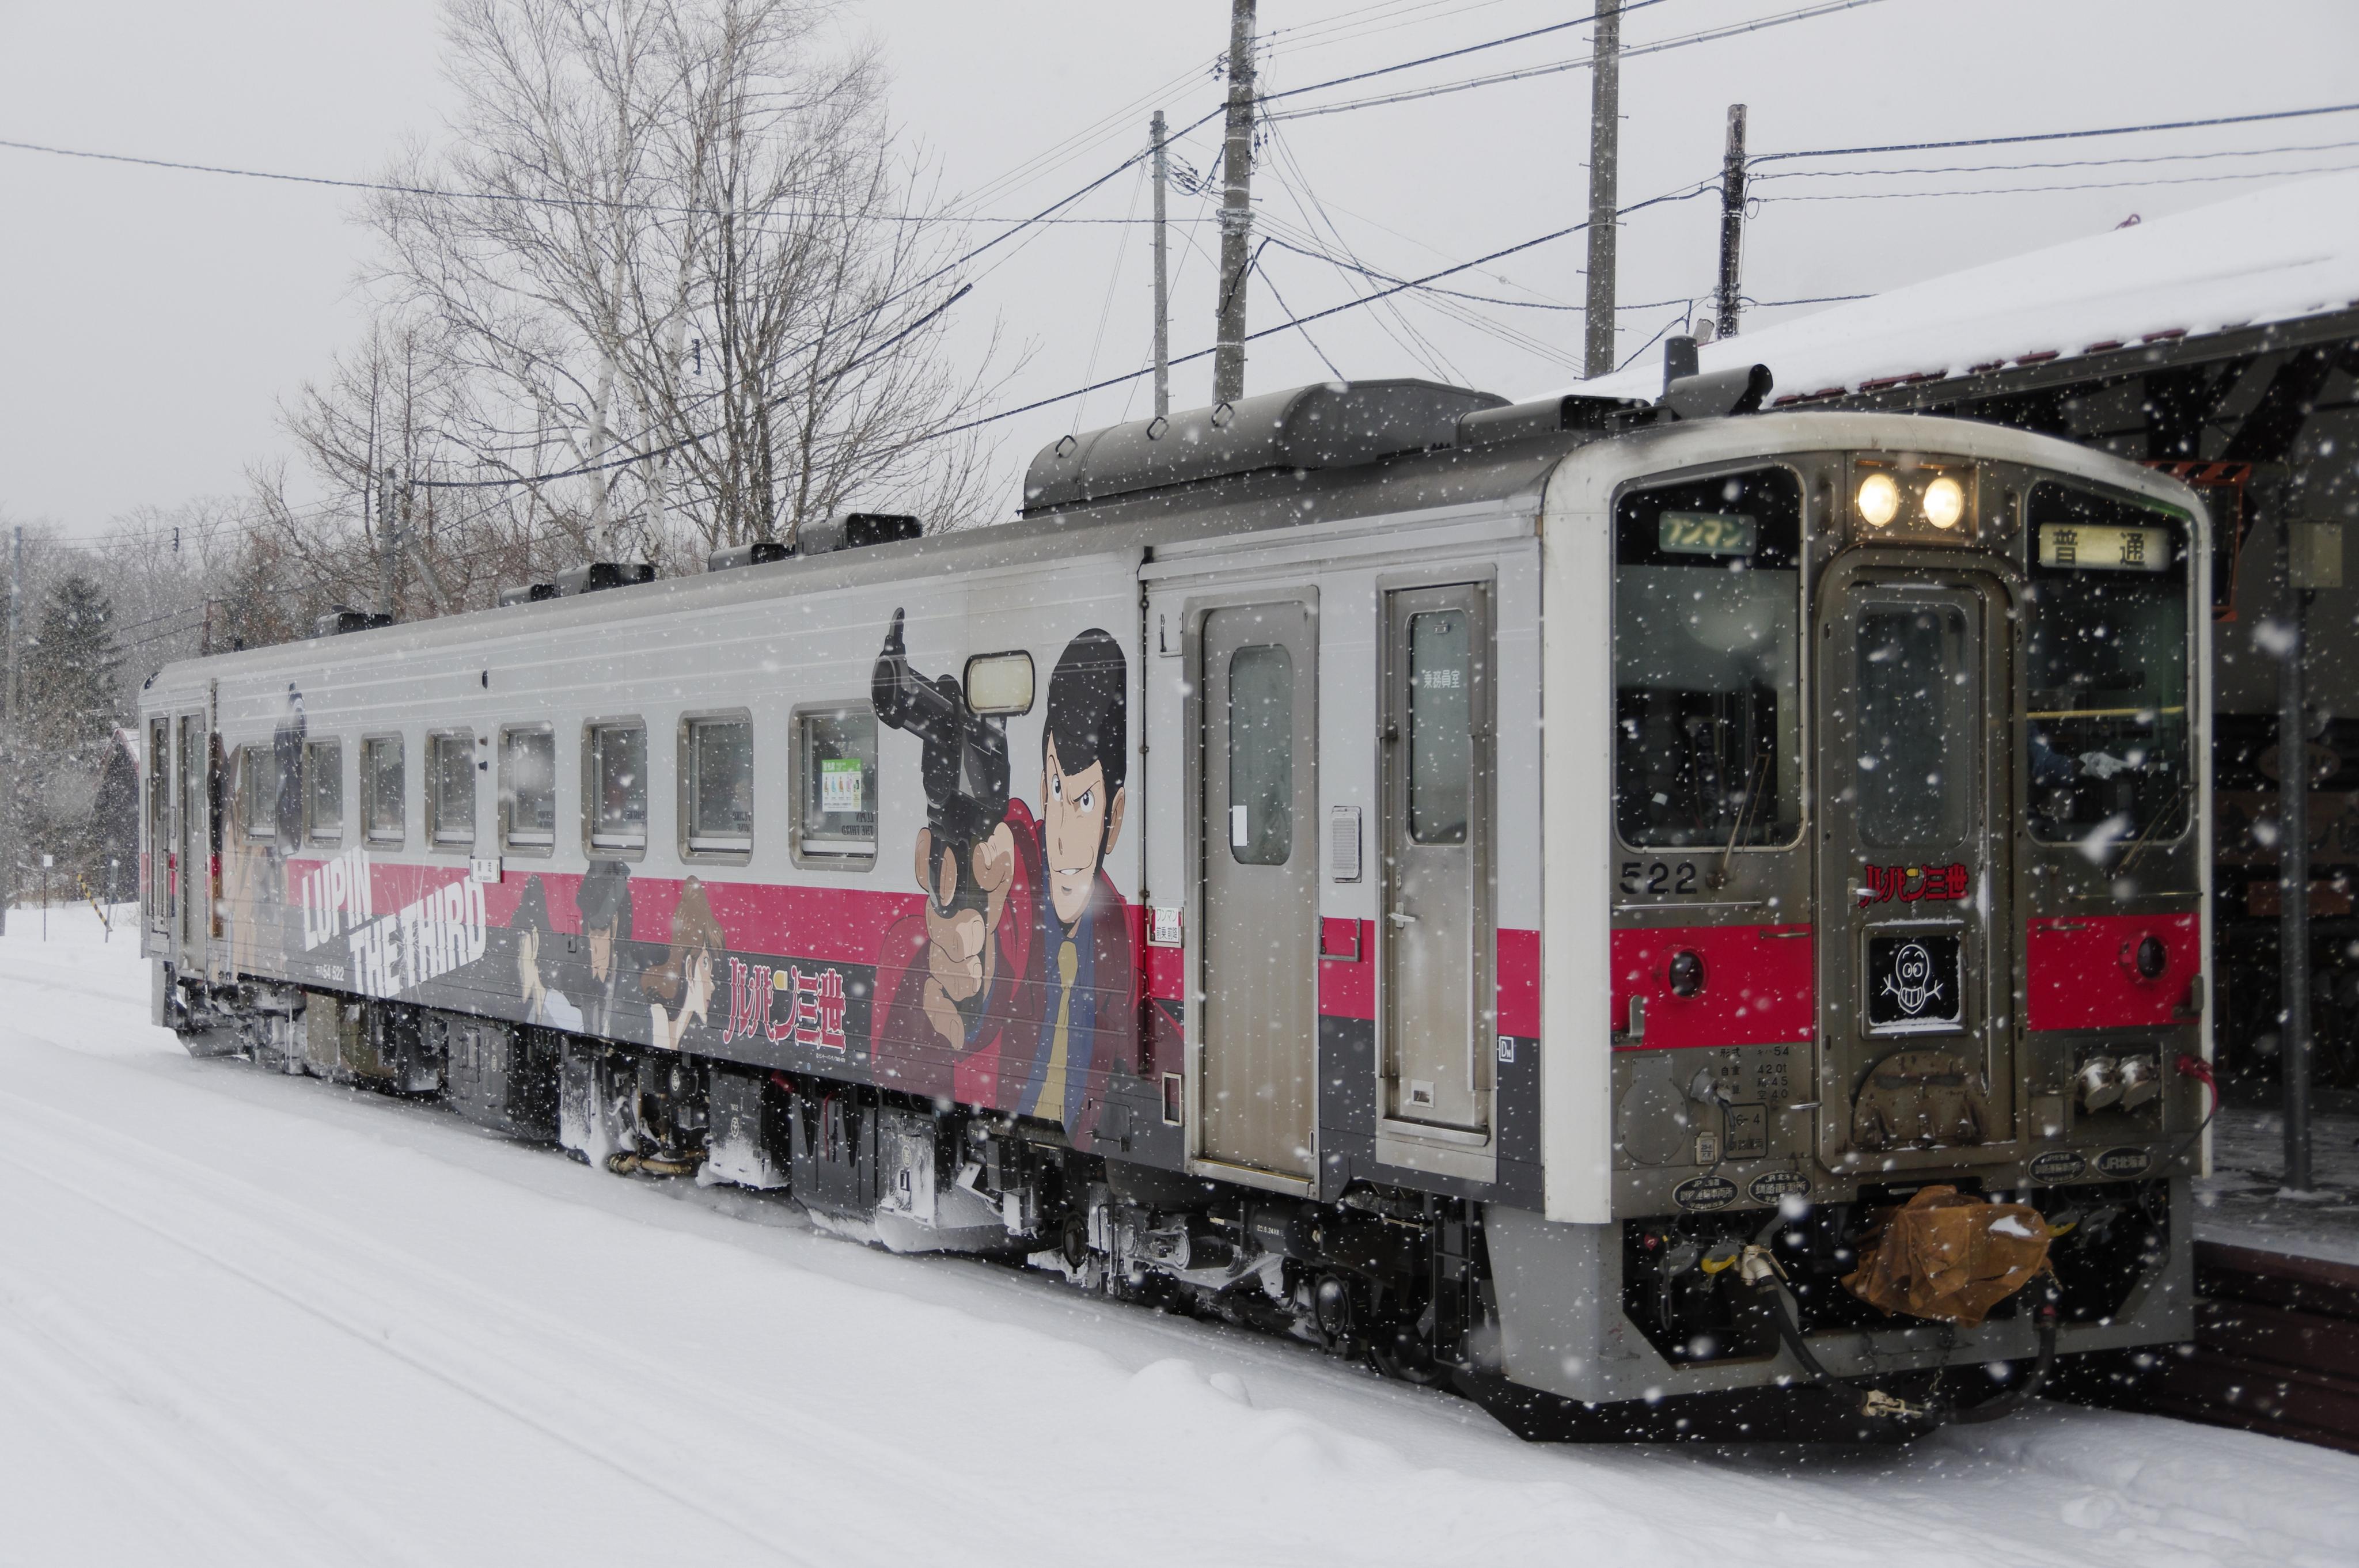 ルパン三世ラッピングトレイン 川湯温泉駅_180127.jpg